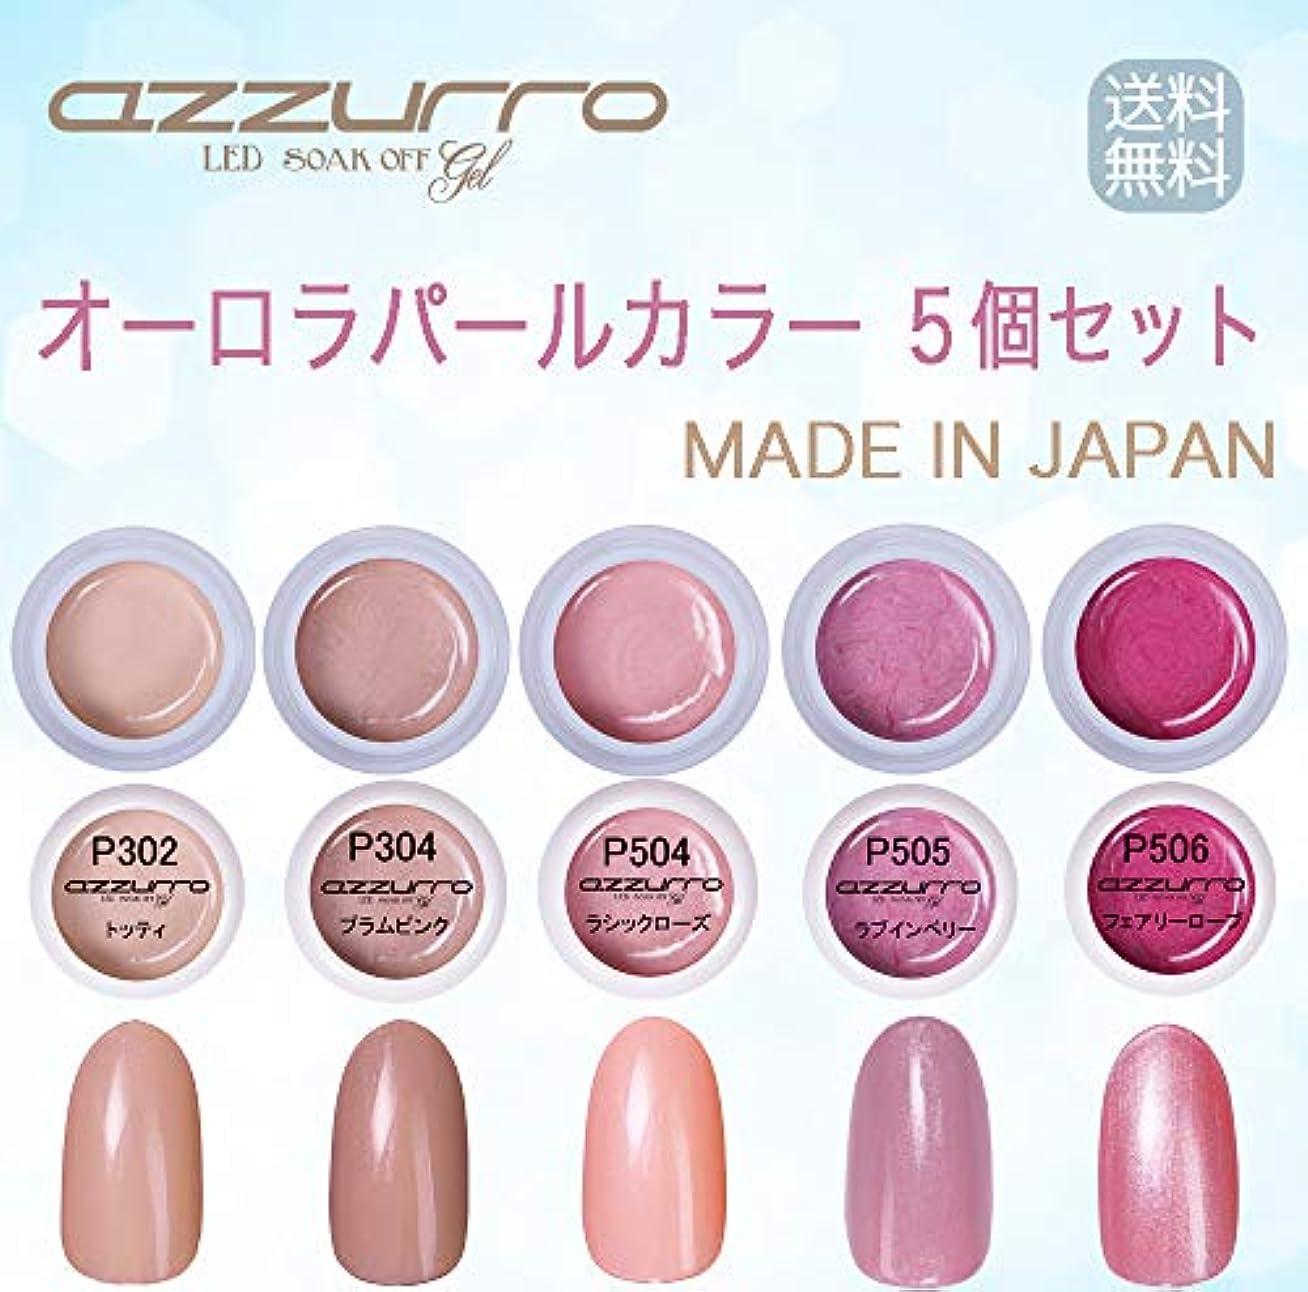 うがい届ける写真【送料無料】日本製 azzurro gel オーロラパール ジェル5個セット 上品な輝きのパールカラー